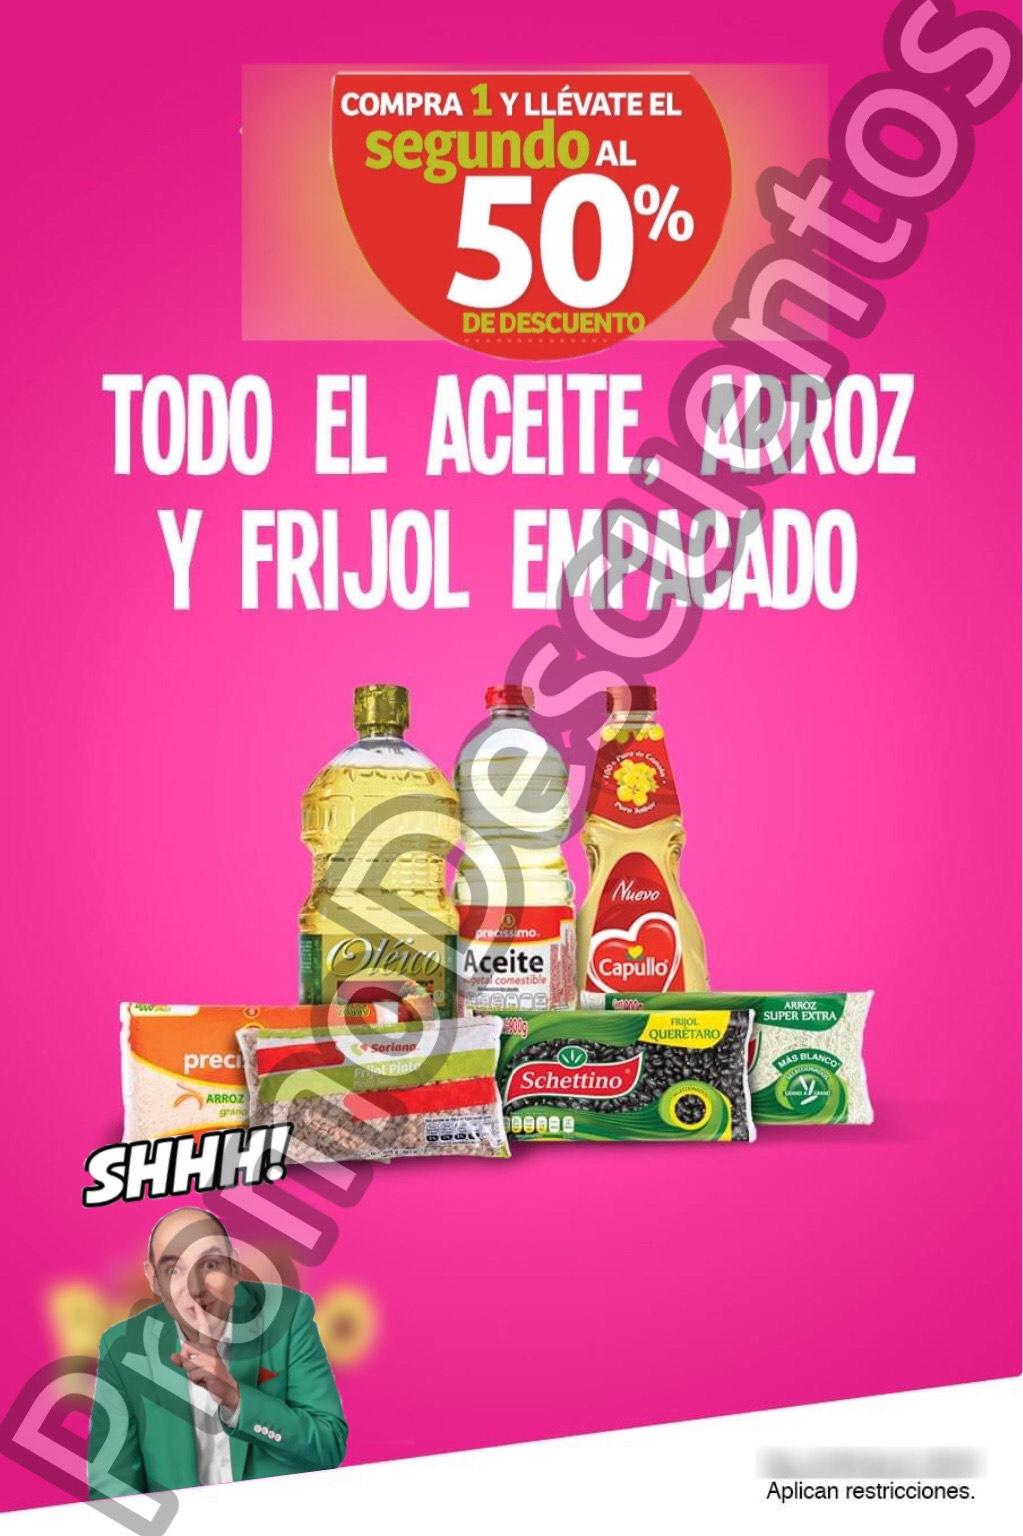 Julio Regalado 2020 en Soriana: Segundo al 50% en Aceites Comestibles, Arroz, Frijol y Semillas